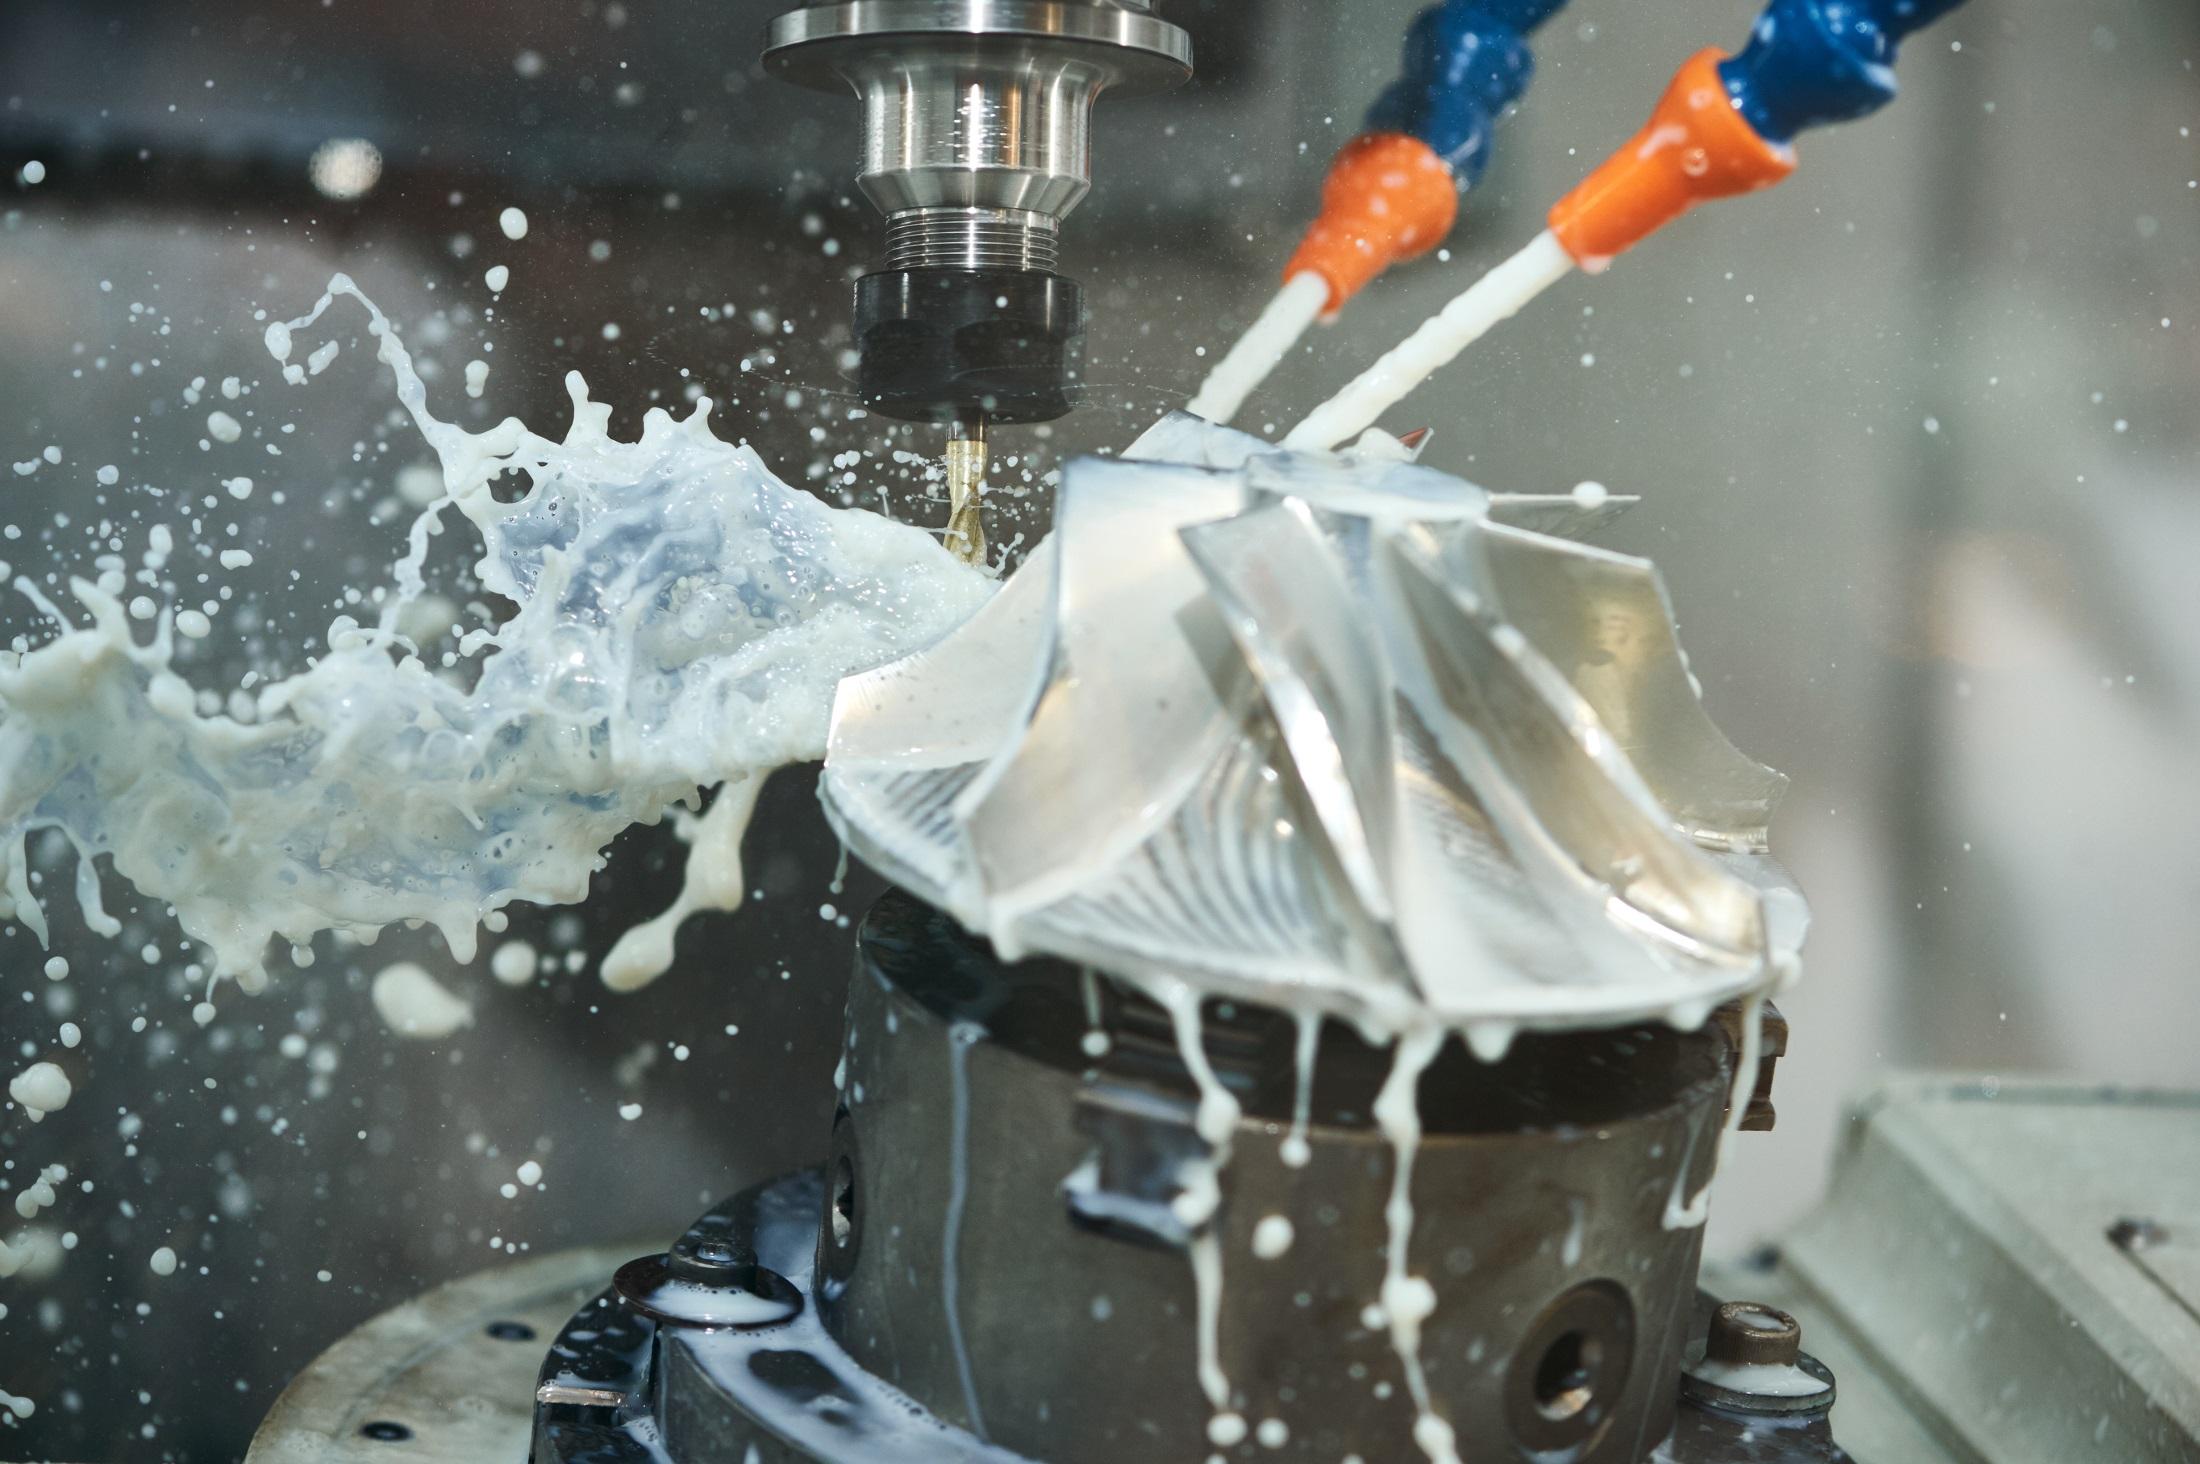 Koelemulsie-metaalbewerkingsvloeistof-snijvloeistof-kopen